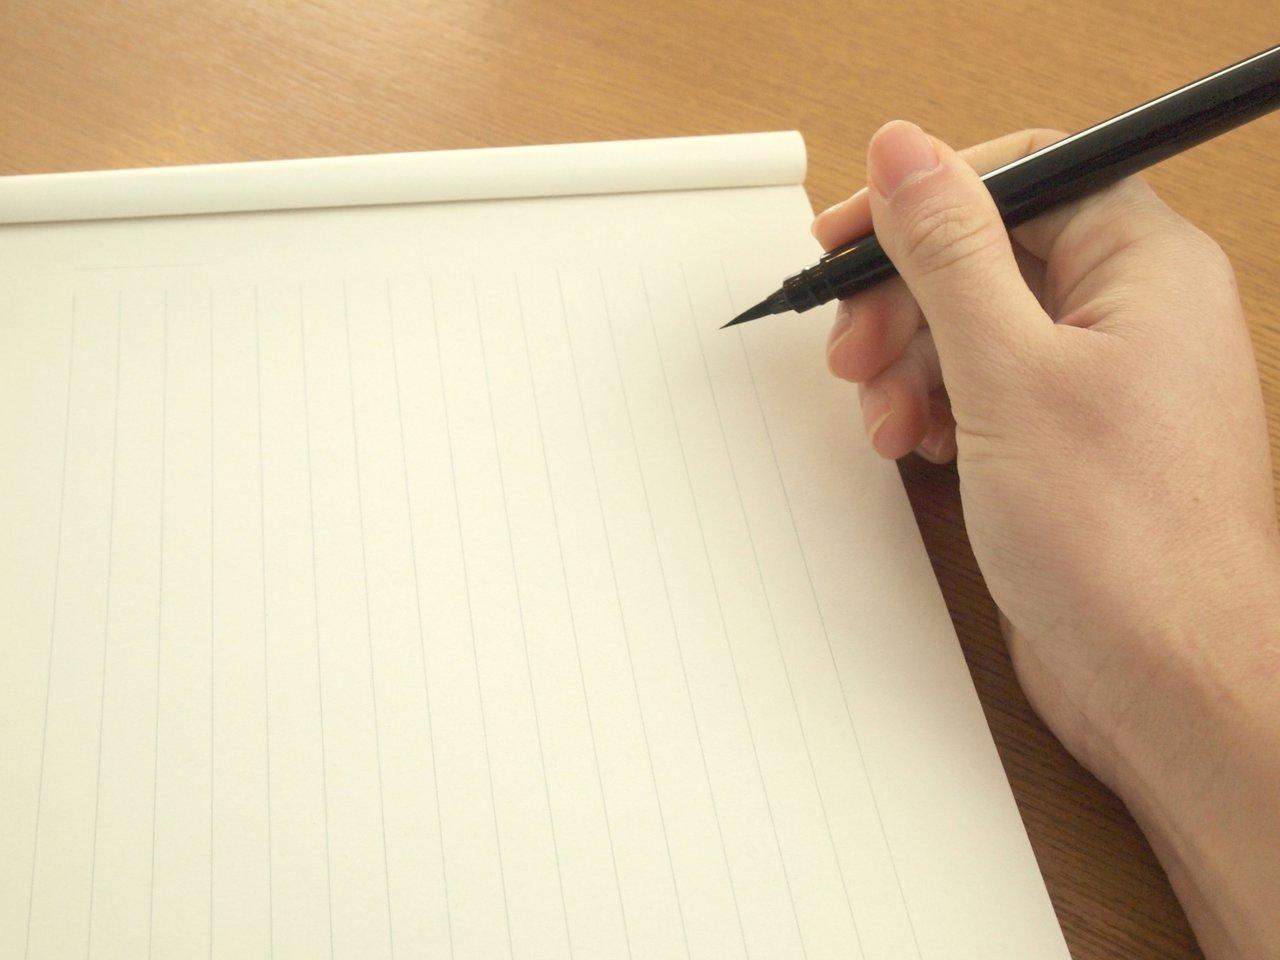 V6三宅健、字が綺麗に書ける理由を明かす… 岡田准一の字は「愛おしい」